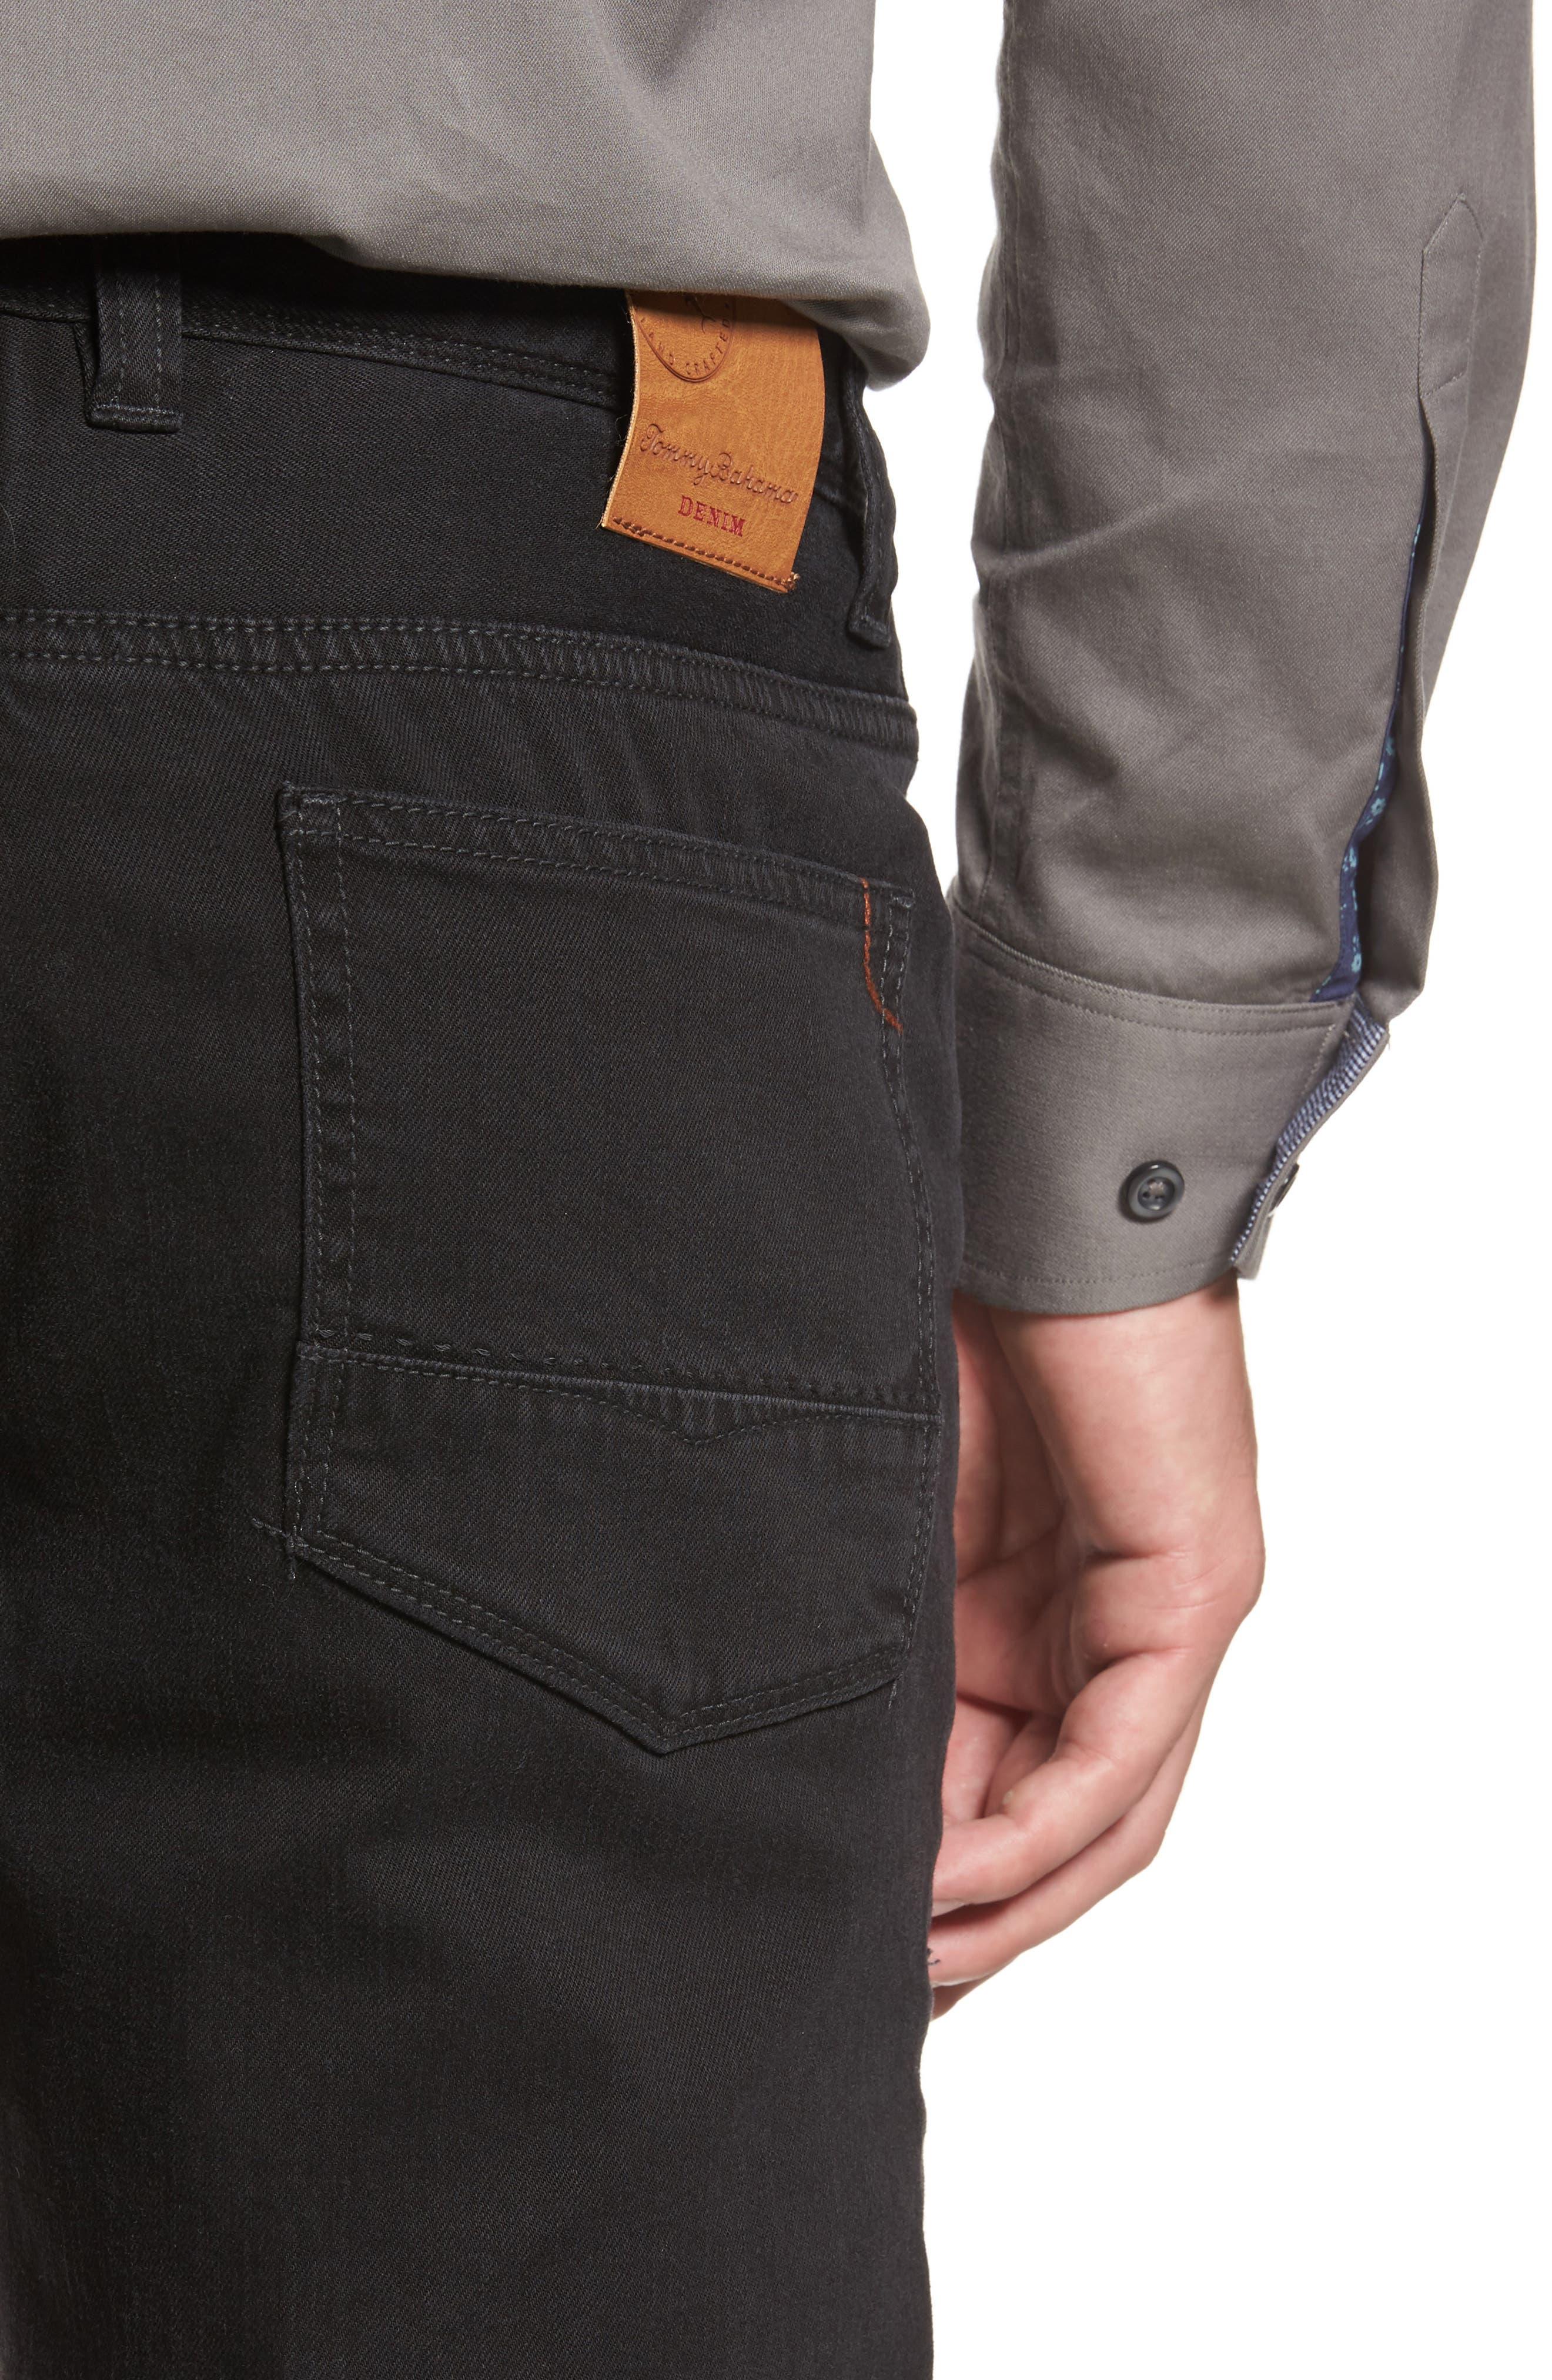 Sand Drifter Straight Leg Jeans,                             Alternate thumbnail 4, color,                             001